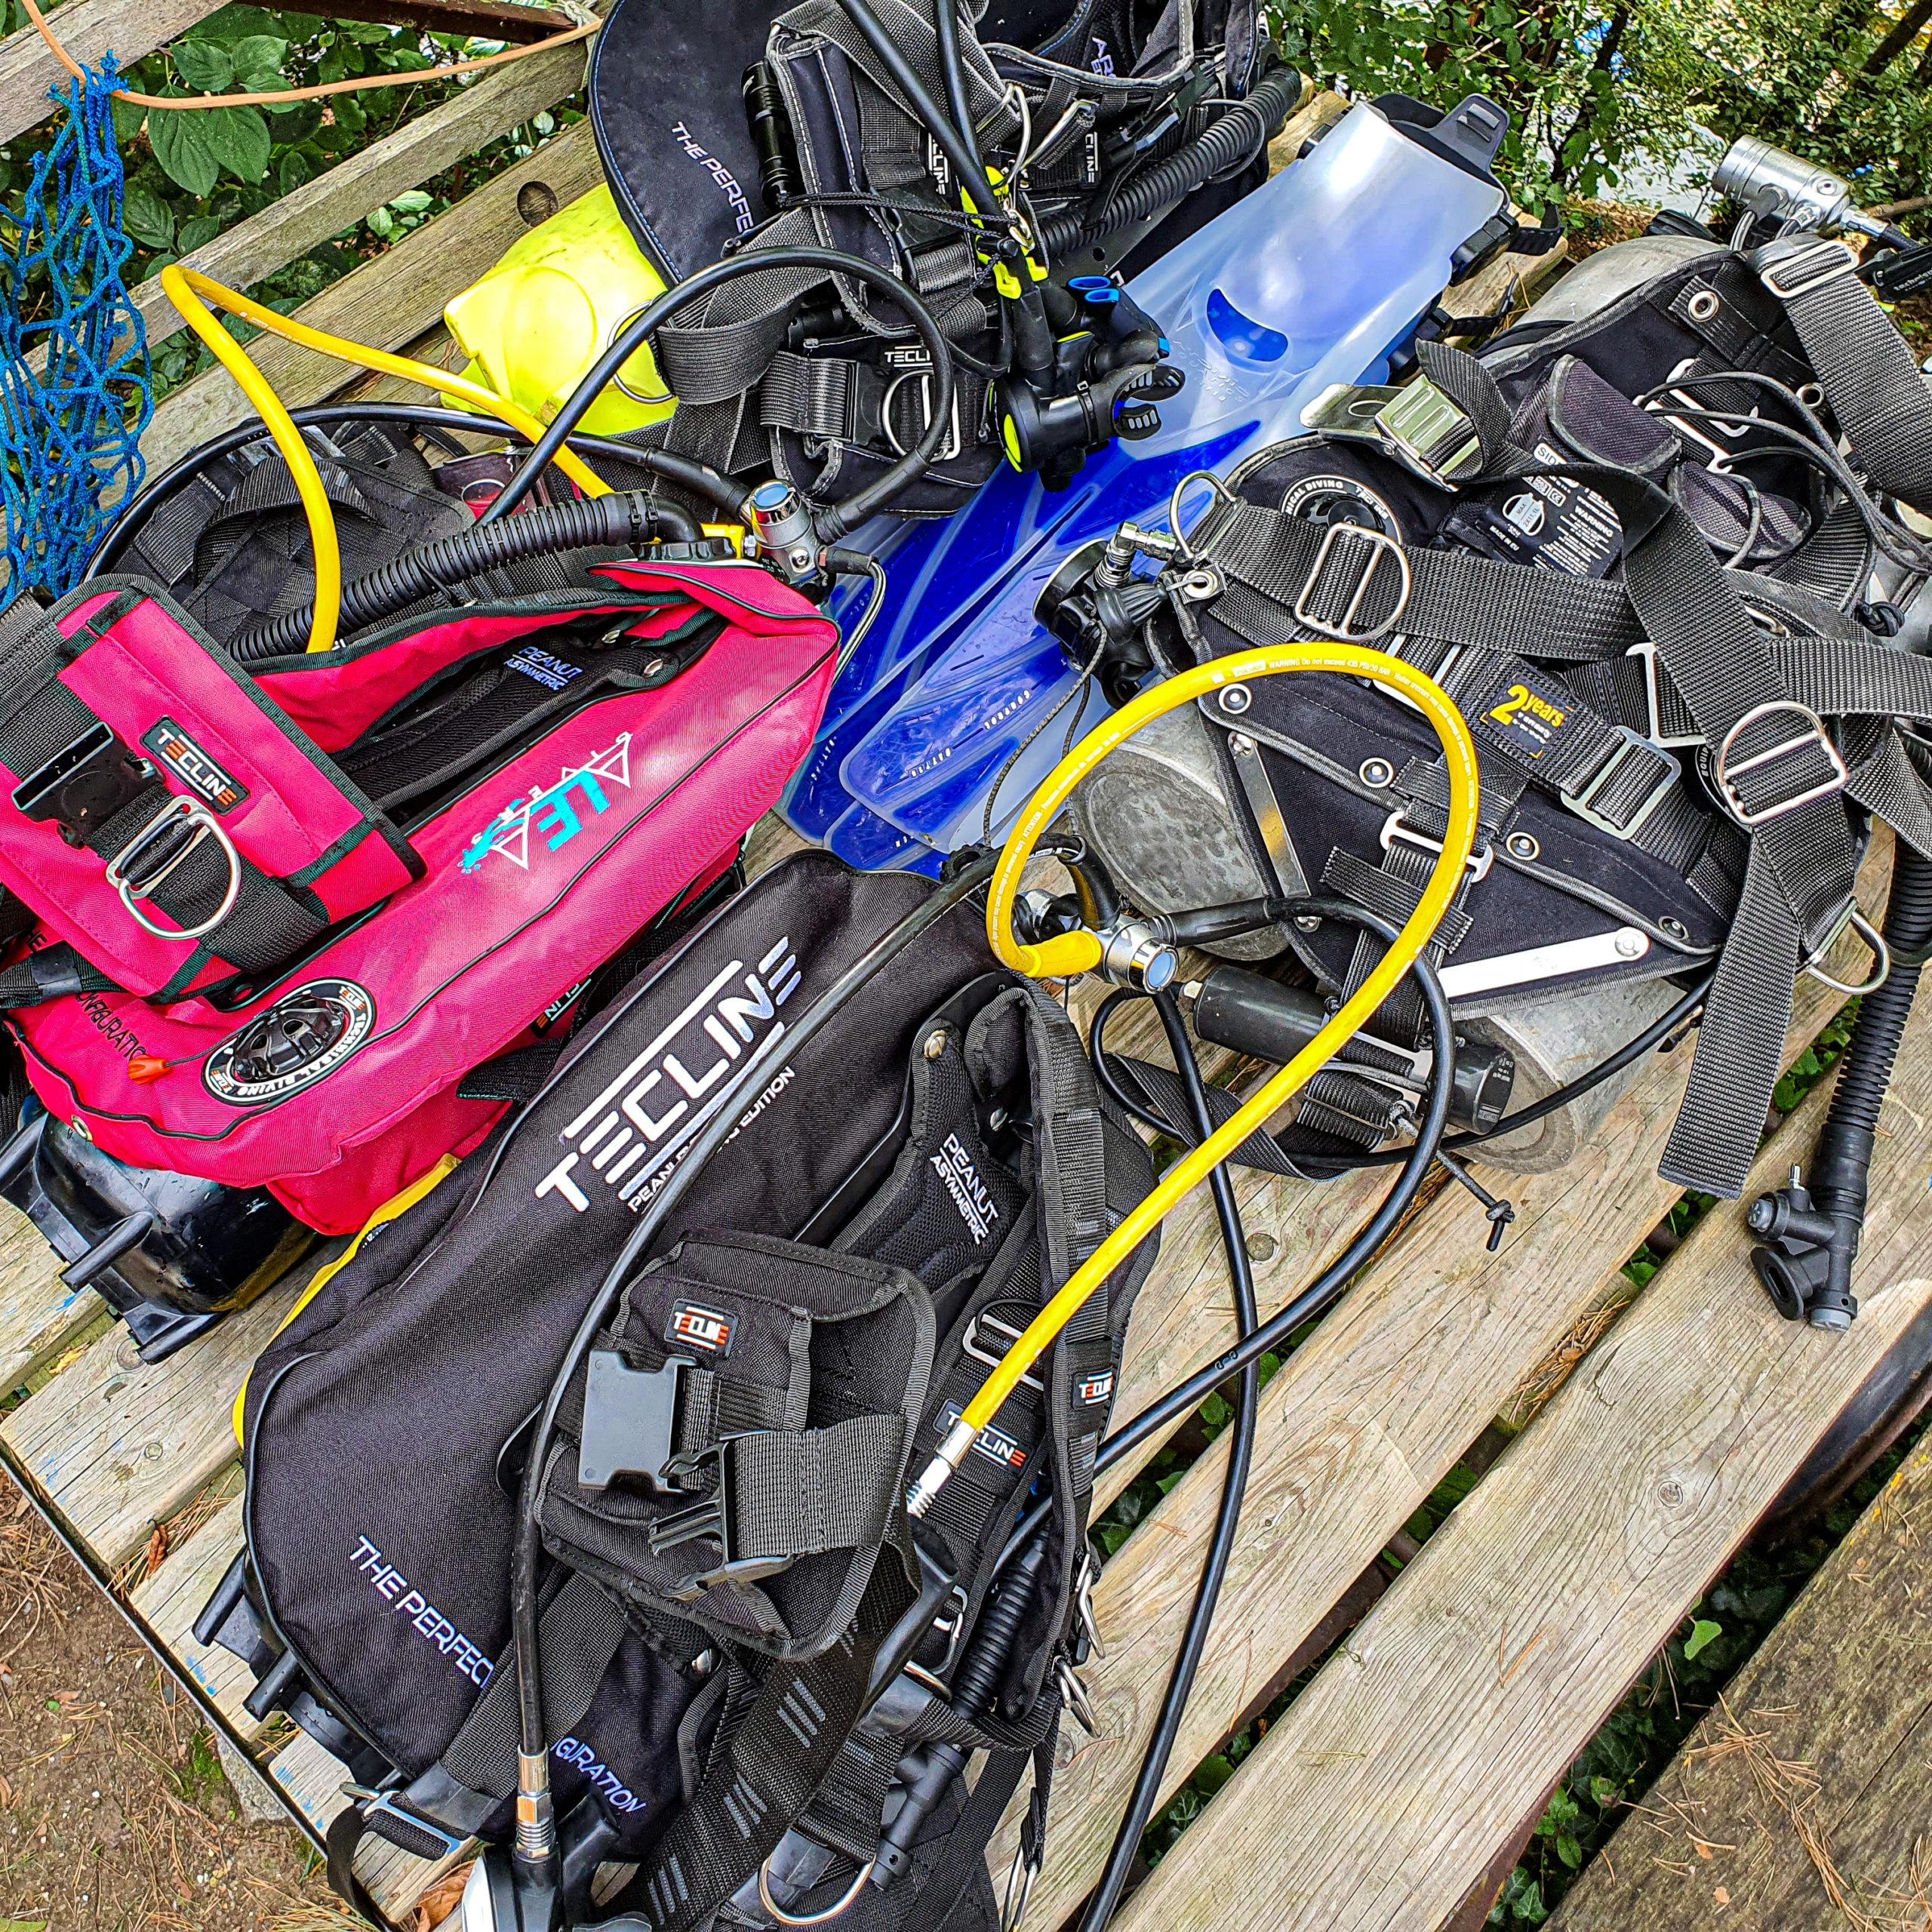 alea divers equipment all